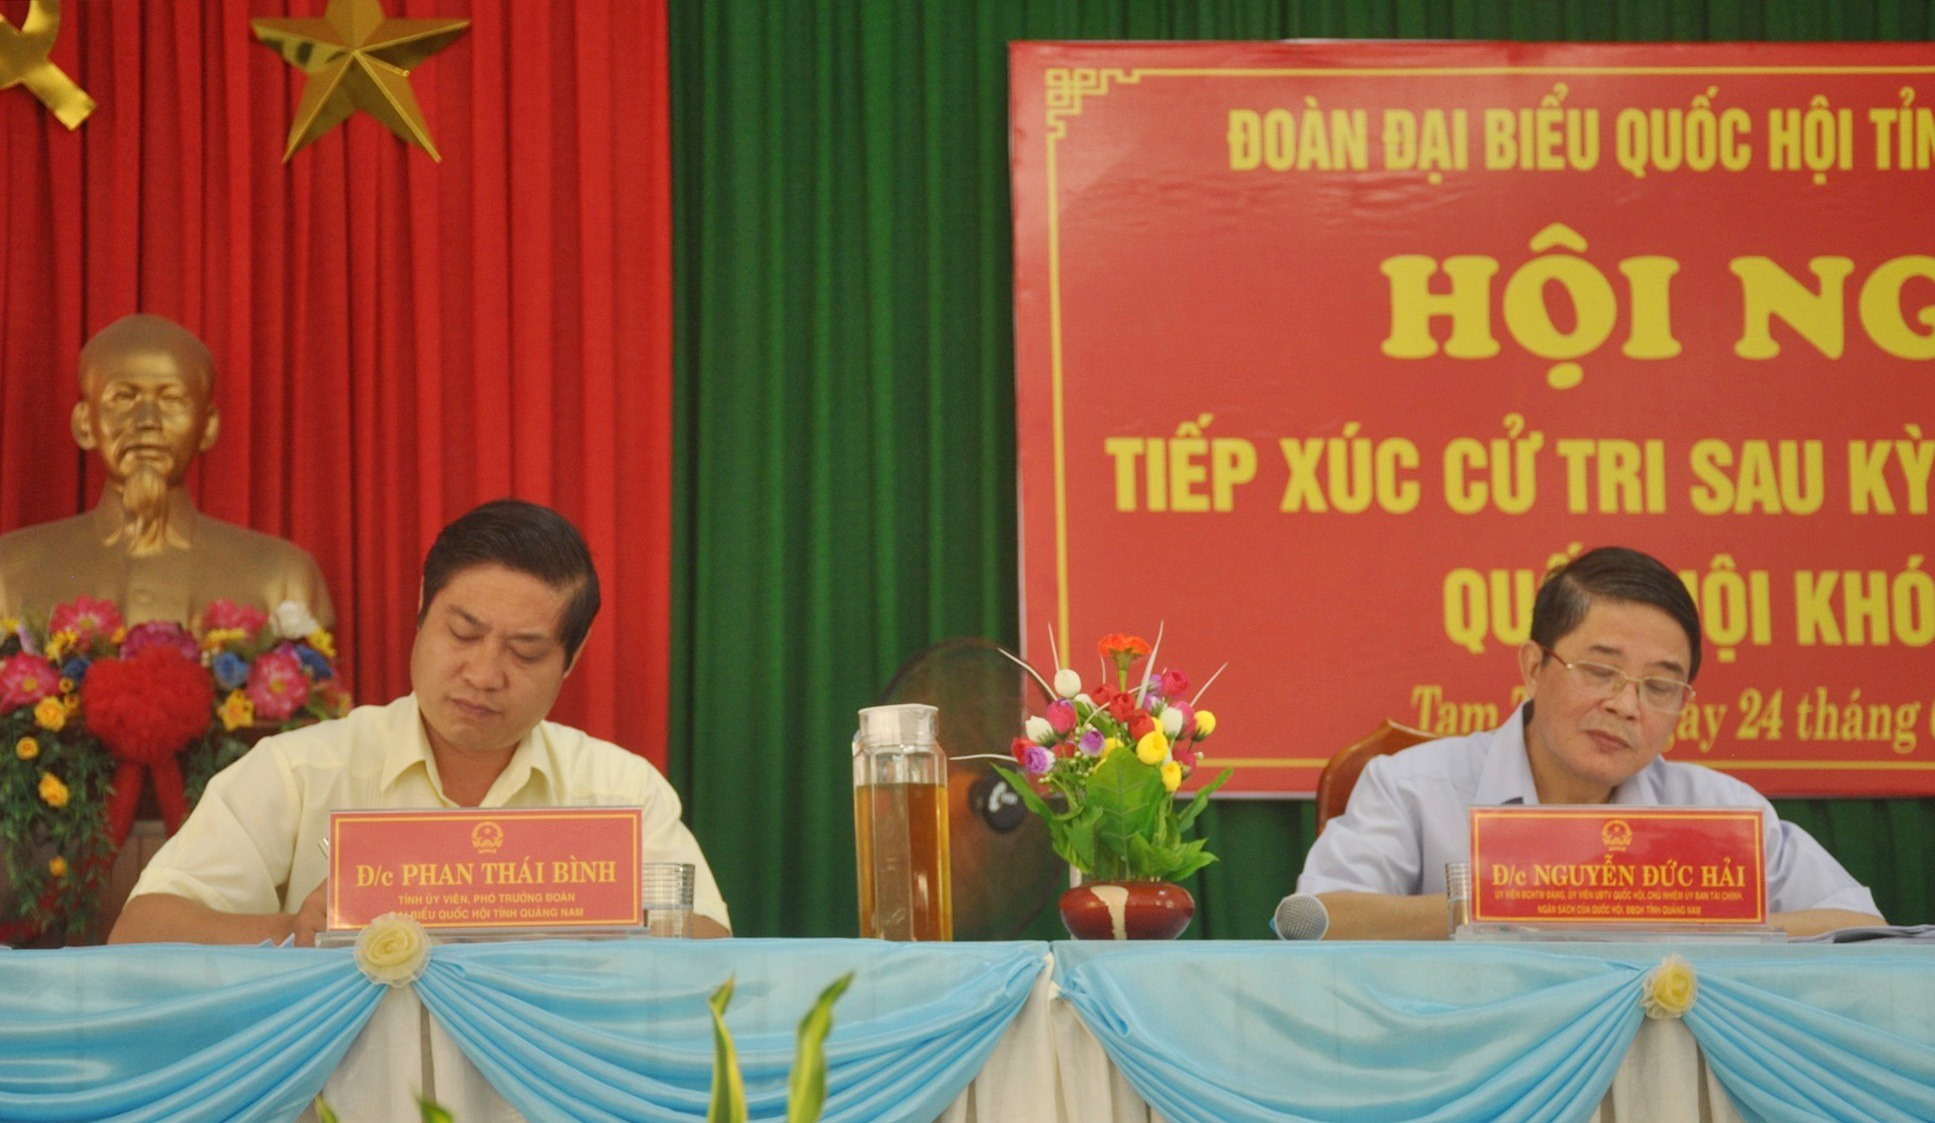 Các đại biểu Nguyễn Đức Hải và Phan Thái Bình tiếp xúc cử tri xã Tam Tiến (Núi Thành) sáng 24.6. Ảnh: N.Đ